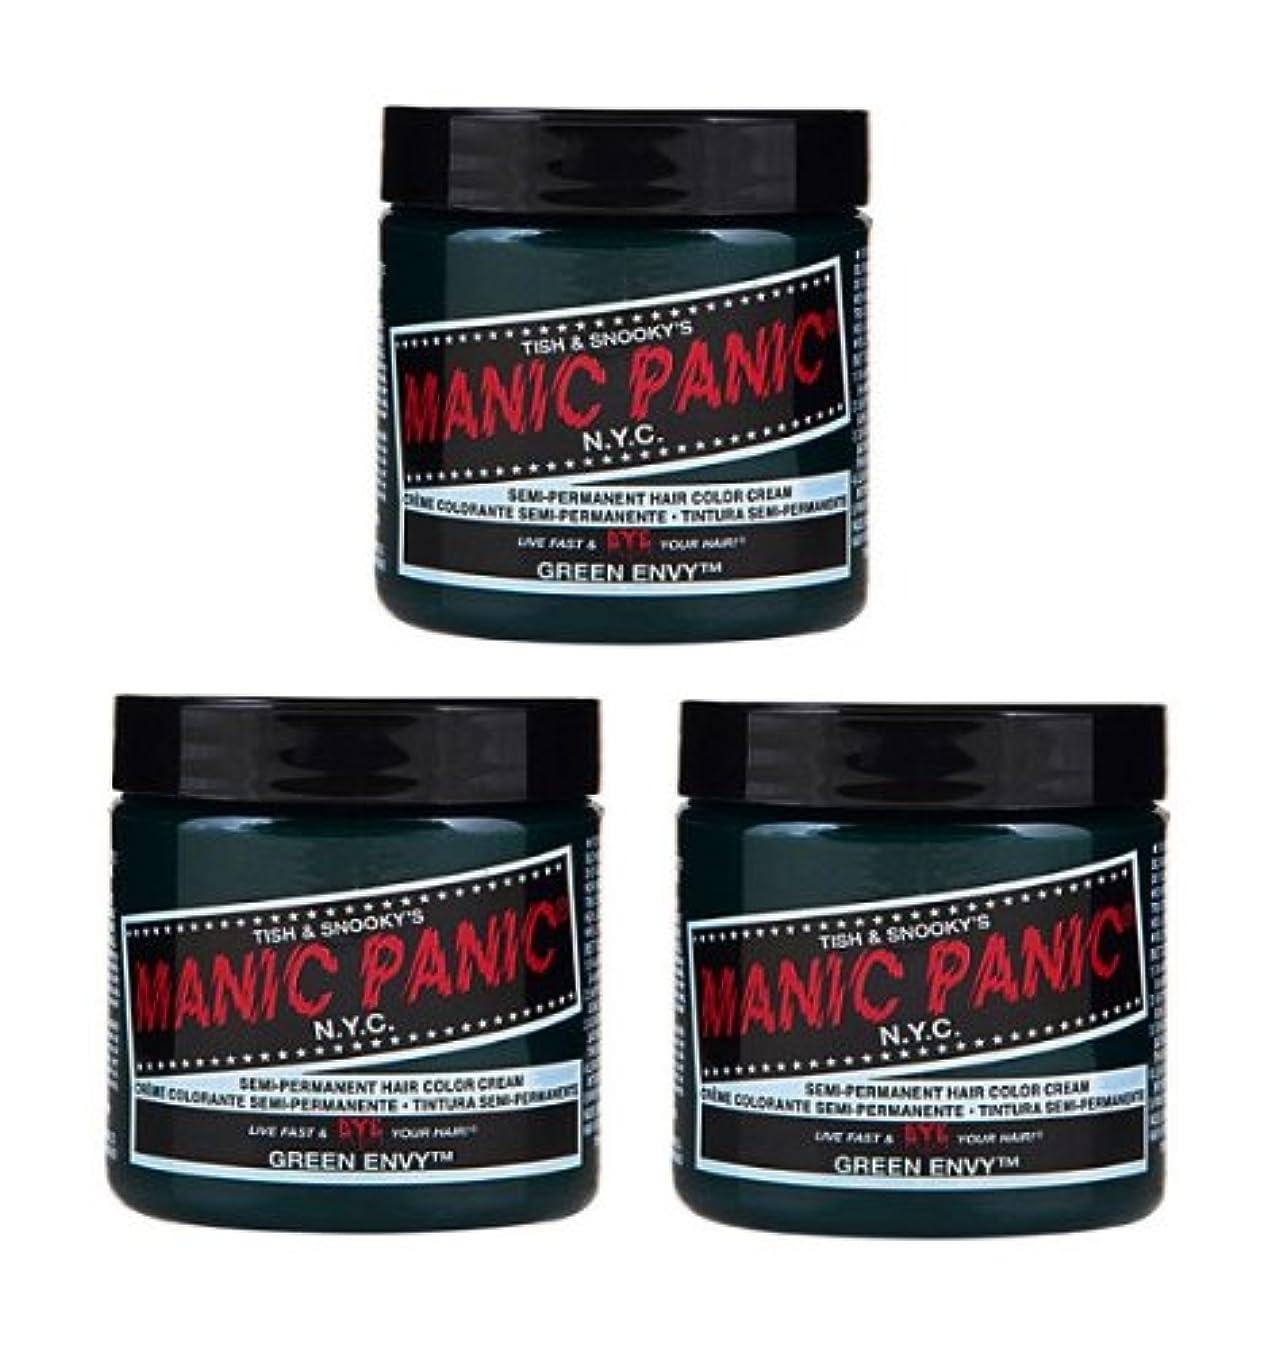 ソーダ水装備する仕立て屋【3個セット】MANIC PANIC マニックパニック Green Envy グリーンエンヴィ 118ml